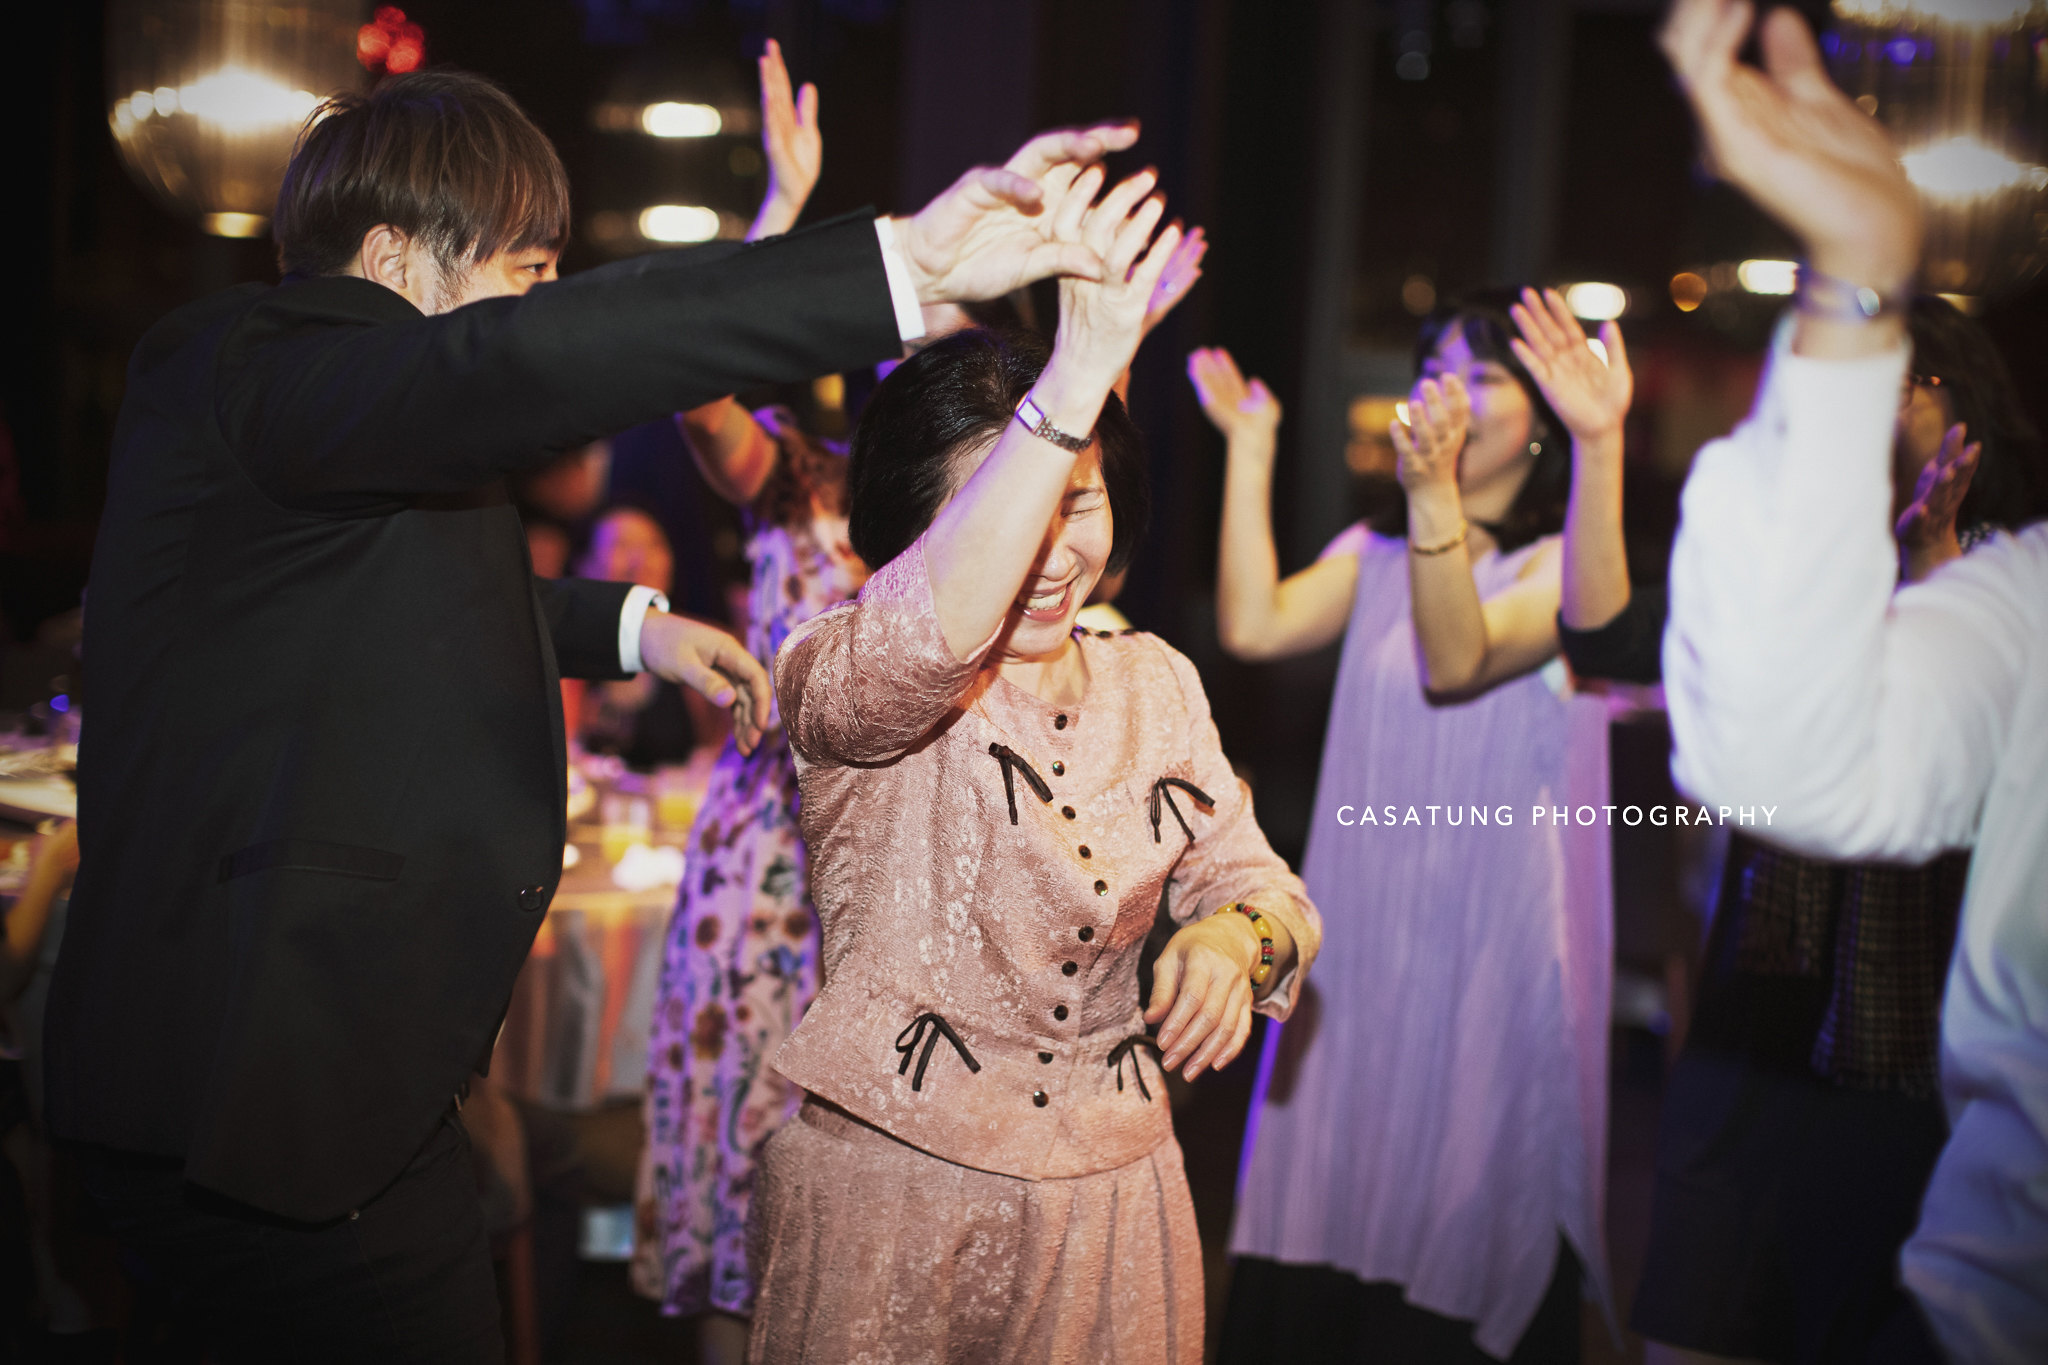 台中自助婚紗,旋轉木馬,casatung,心之芳庭,婚攝casa-250